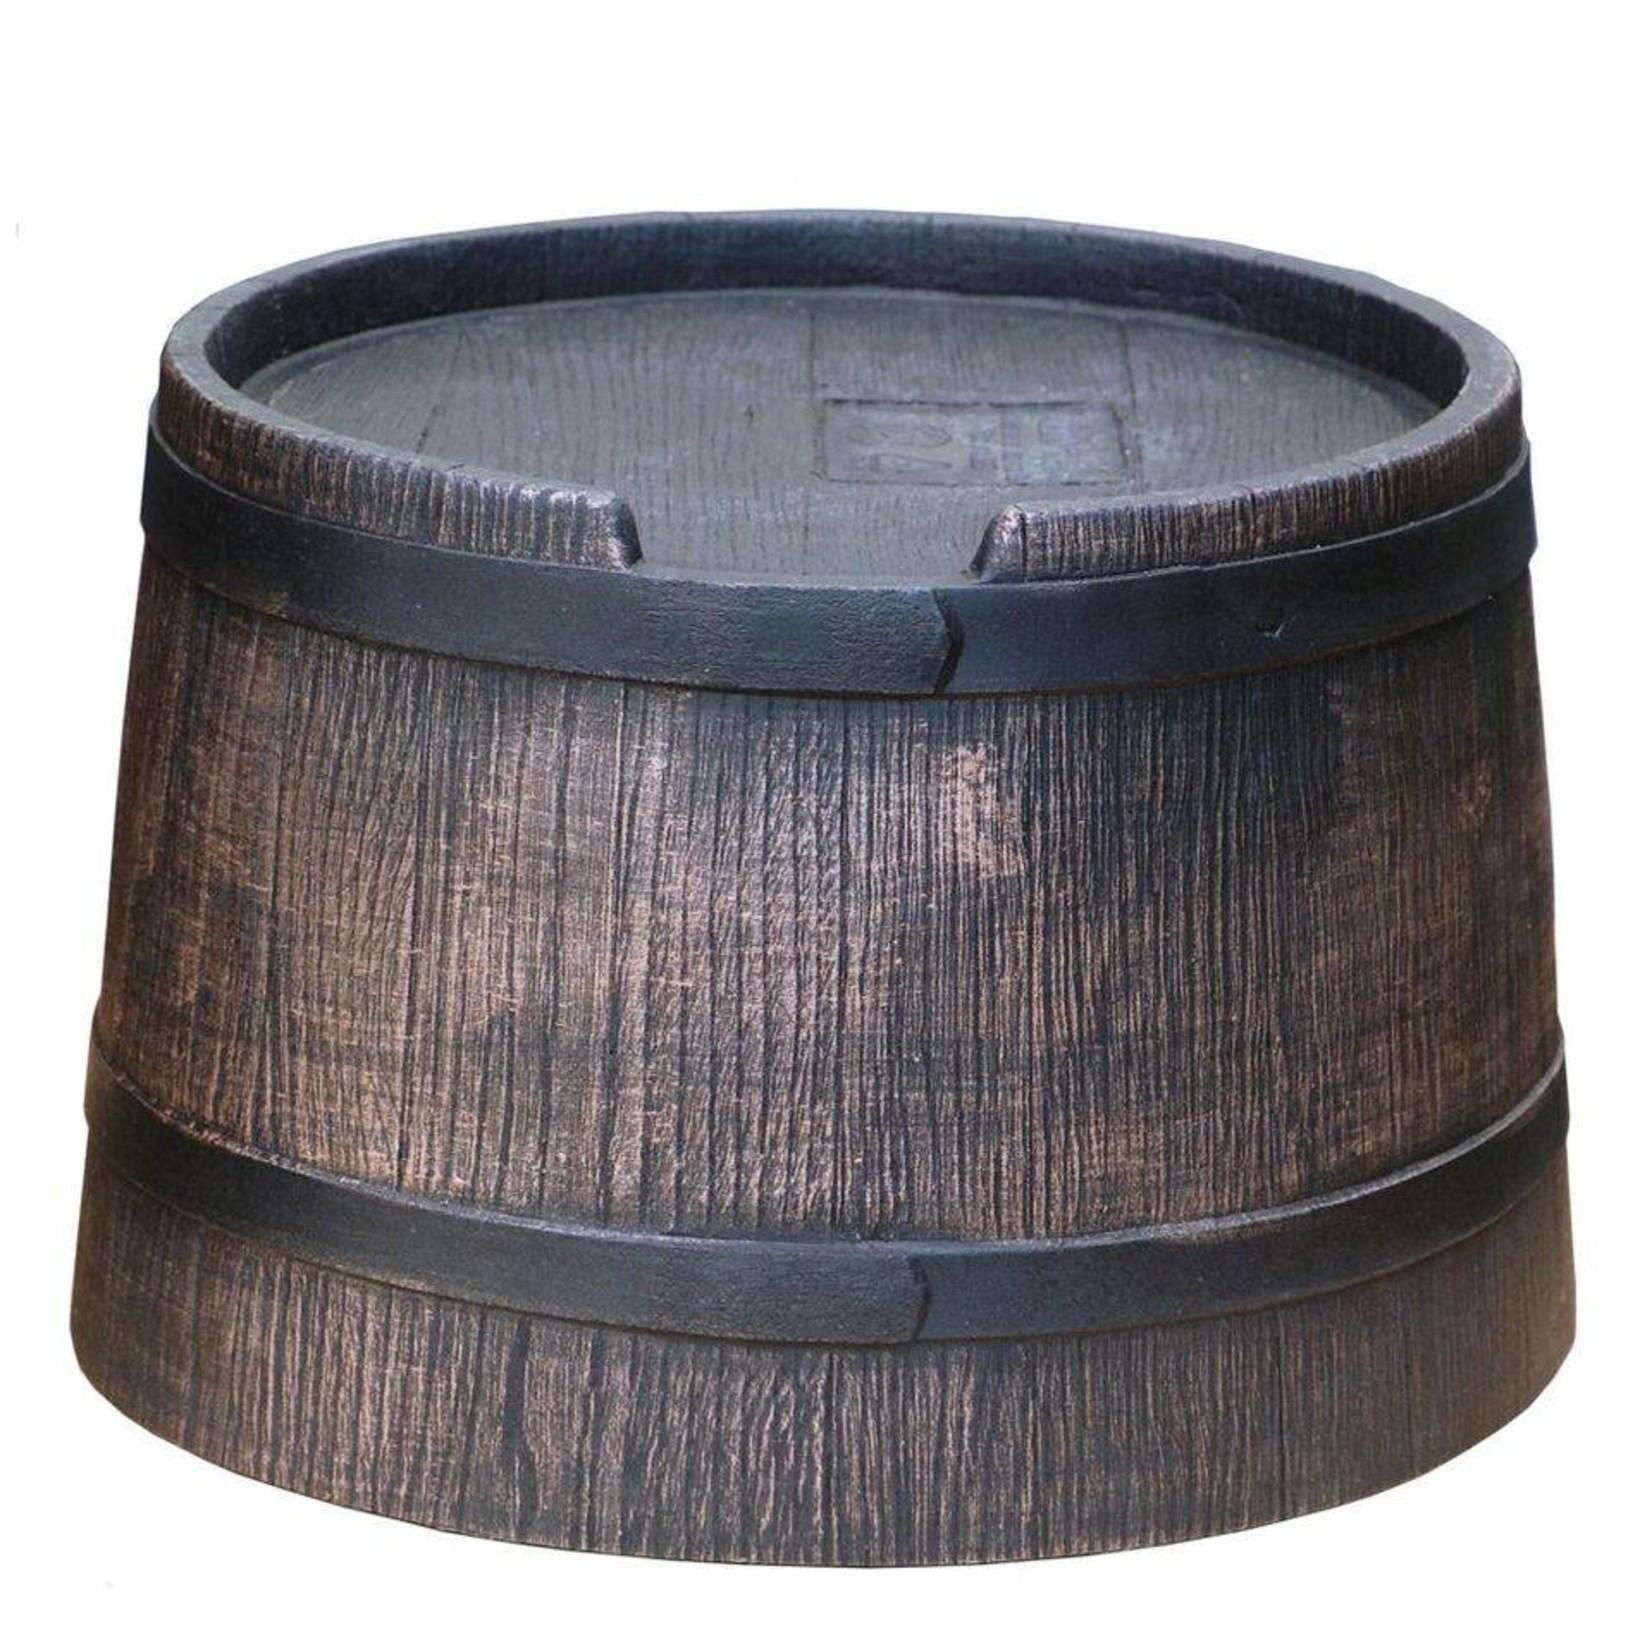 Roto regentonvoet 50 ltr bruin